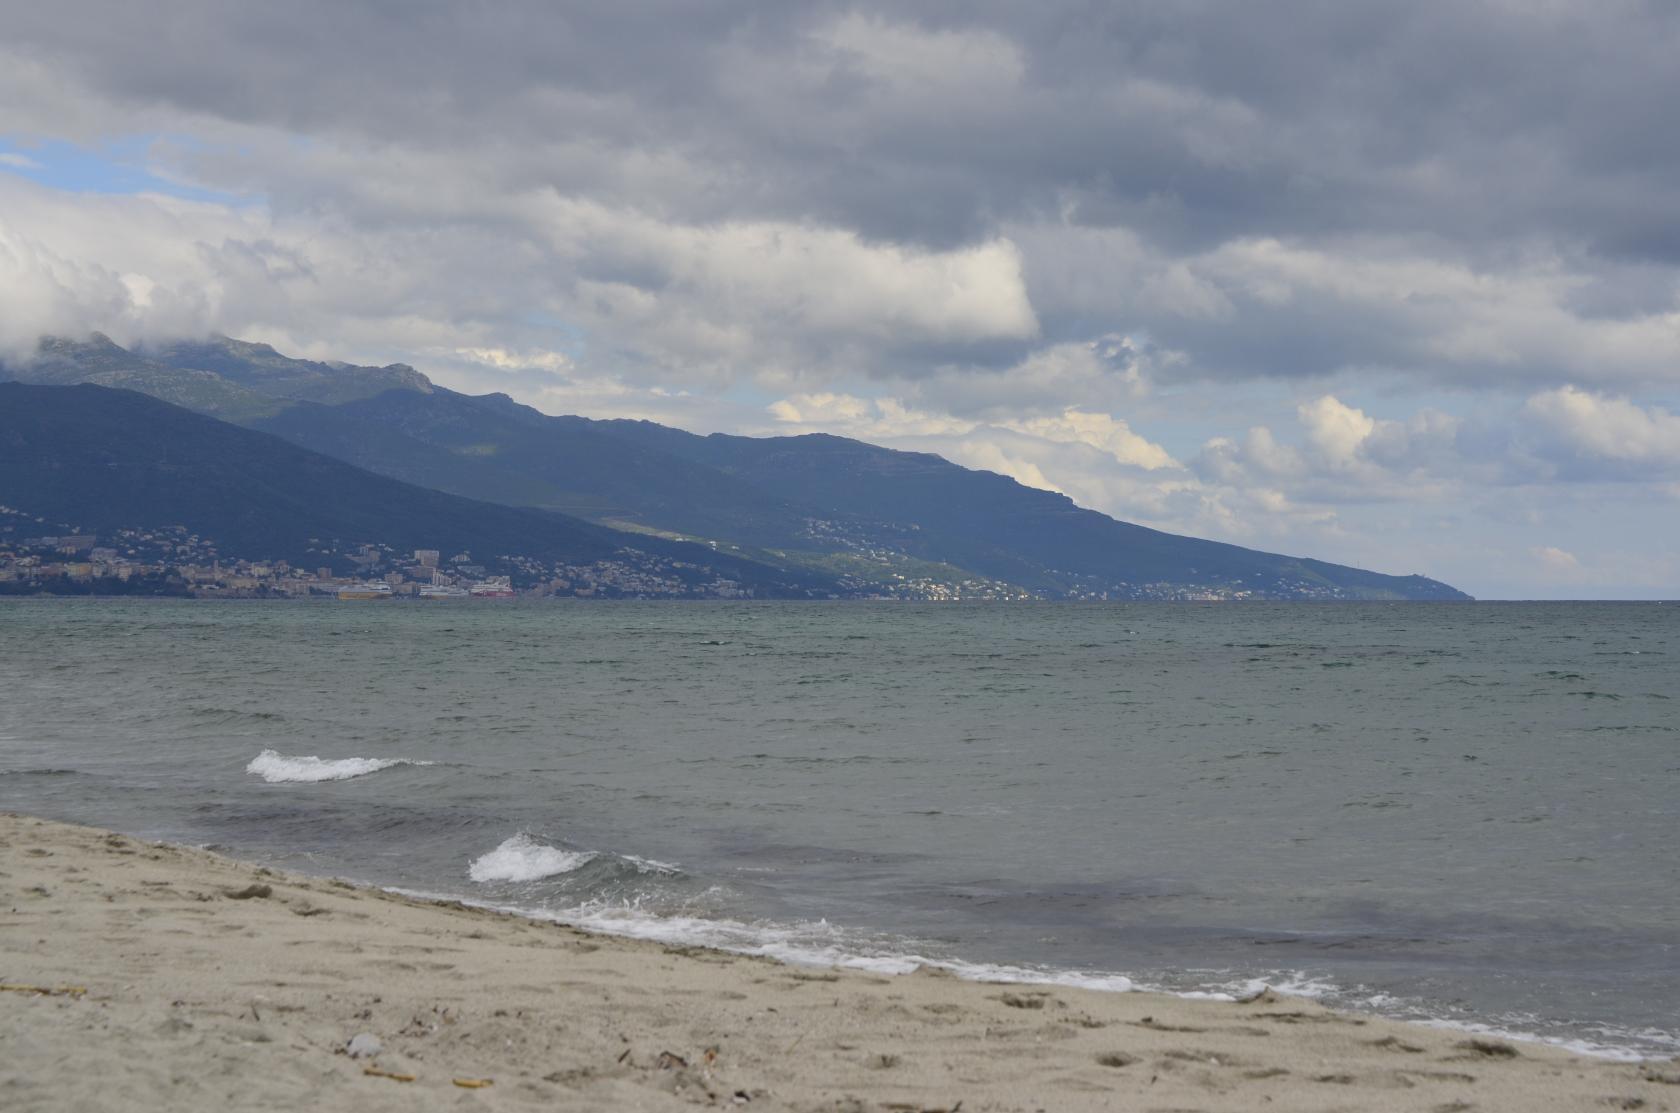 Северо-восточное побережье,не отличается от обычных пляжей